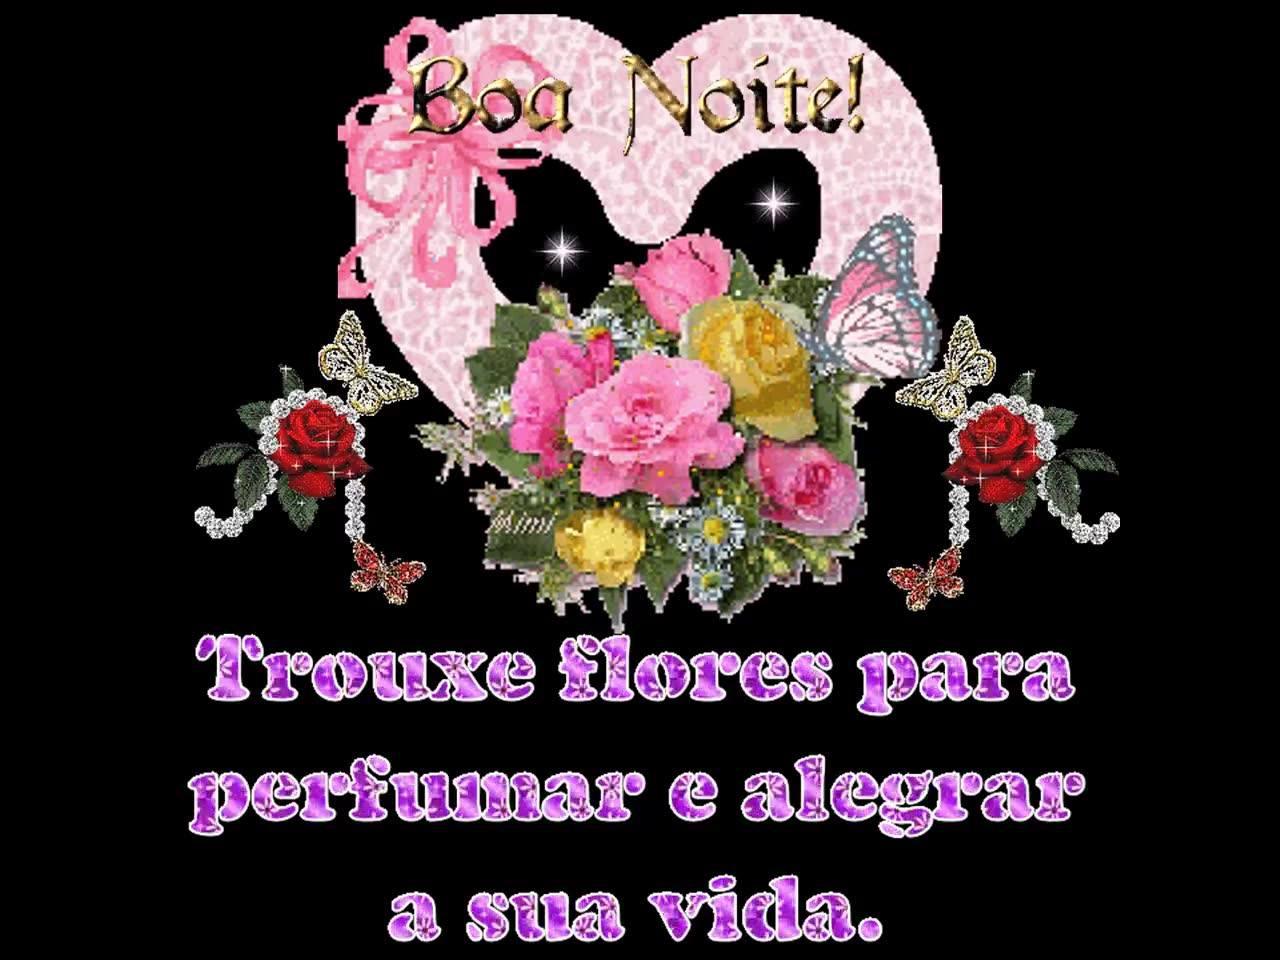 Boa Noite Trouxe Flores Para Perfumar Sua Vida Boa Noite